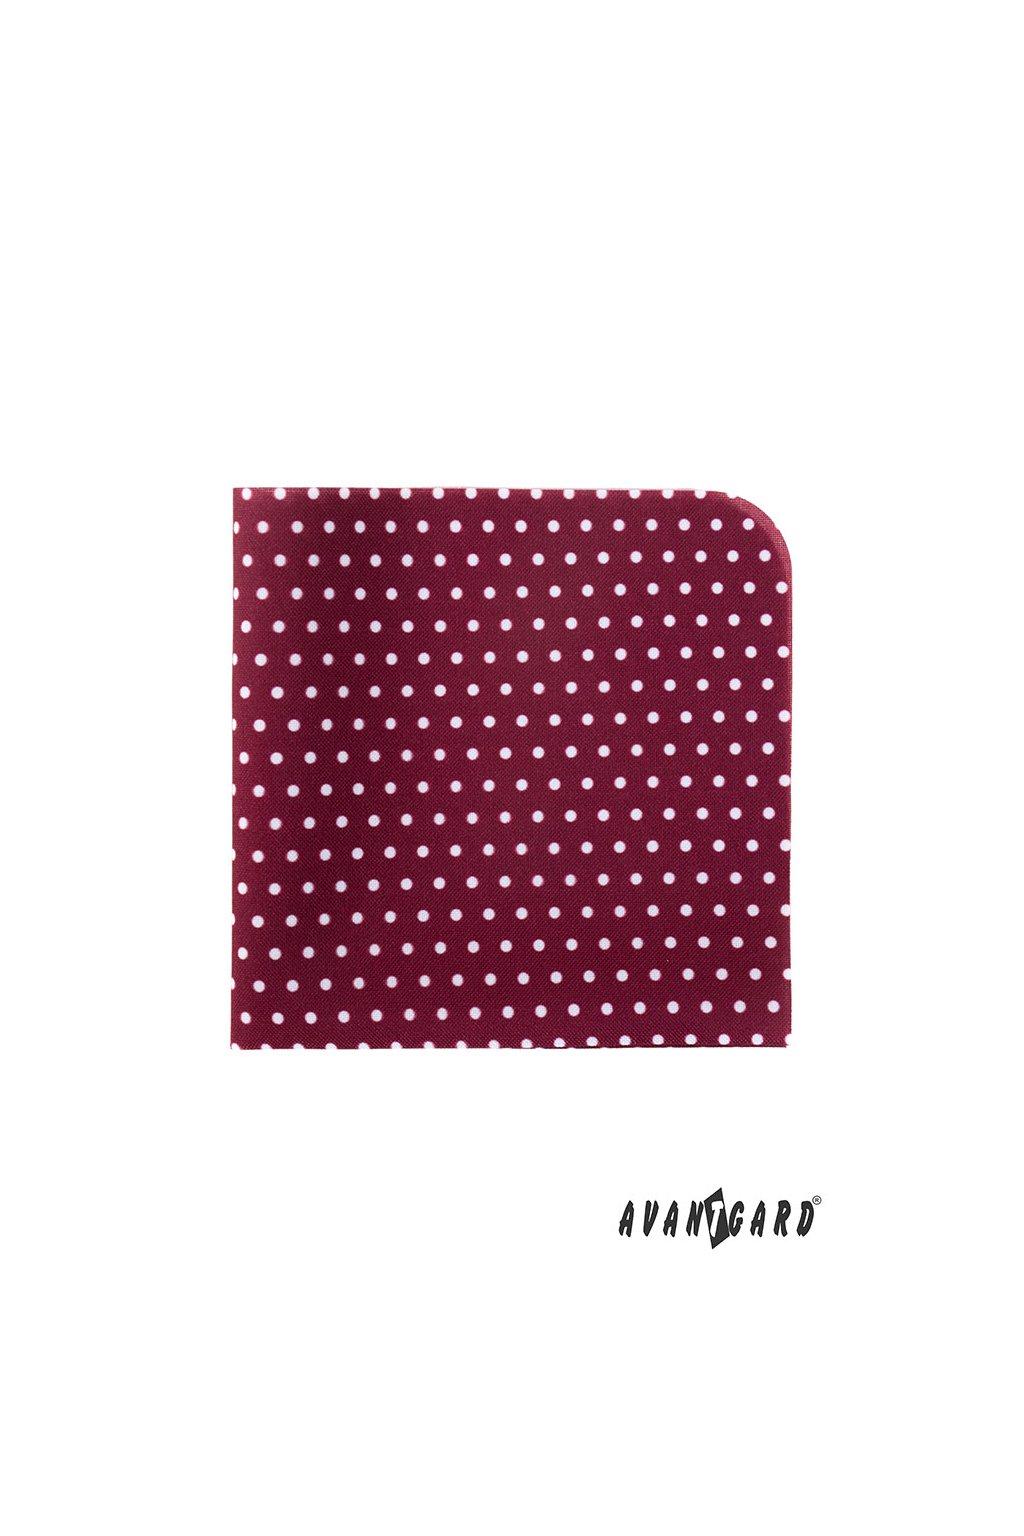 Kapesníček AVANTGARD LUX bordó s bílými puntíky 583 - 1980